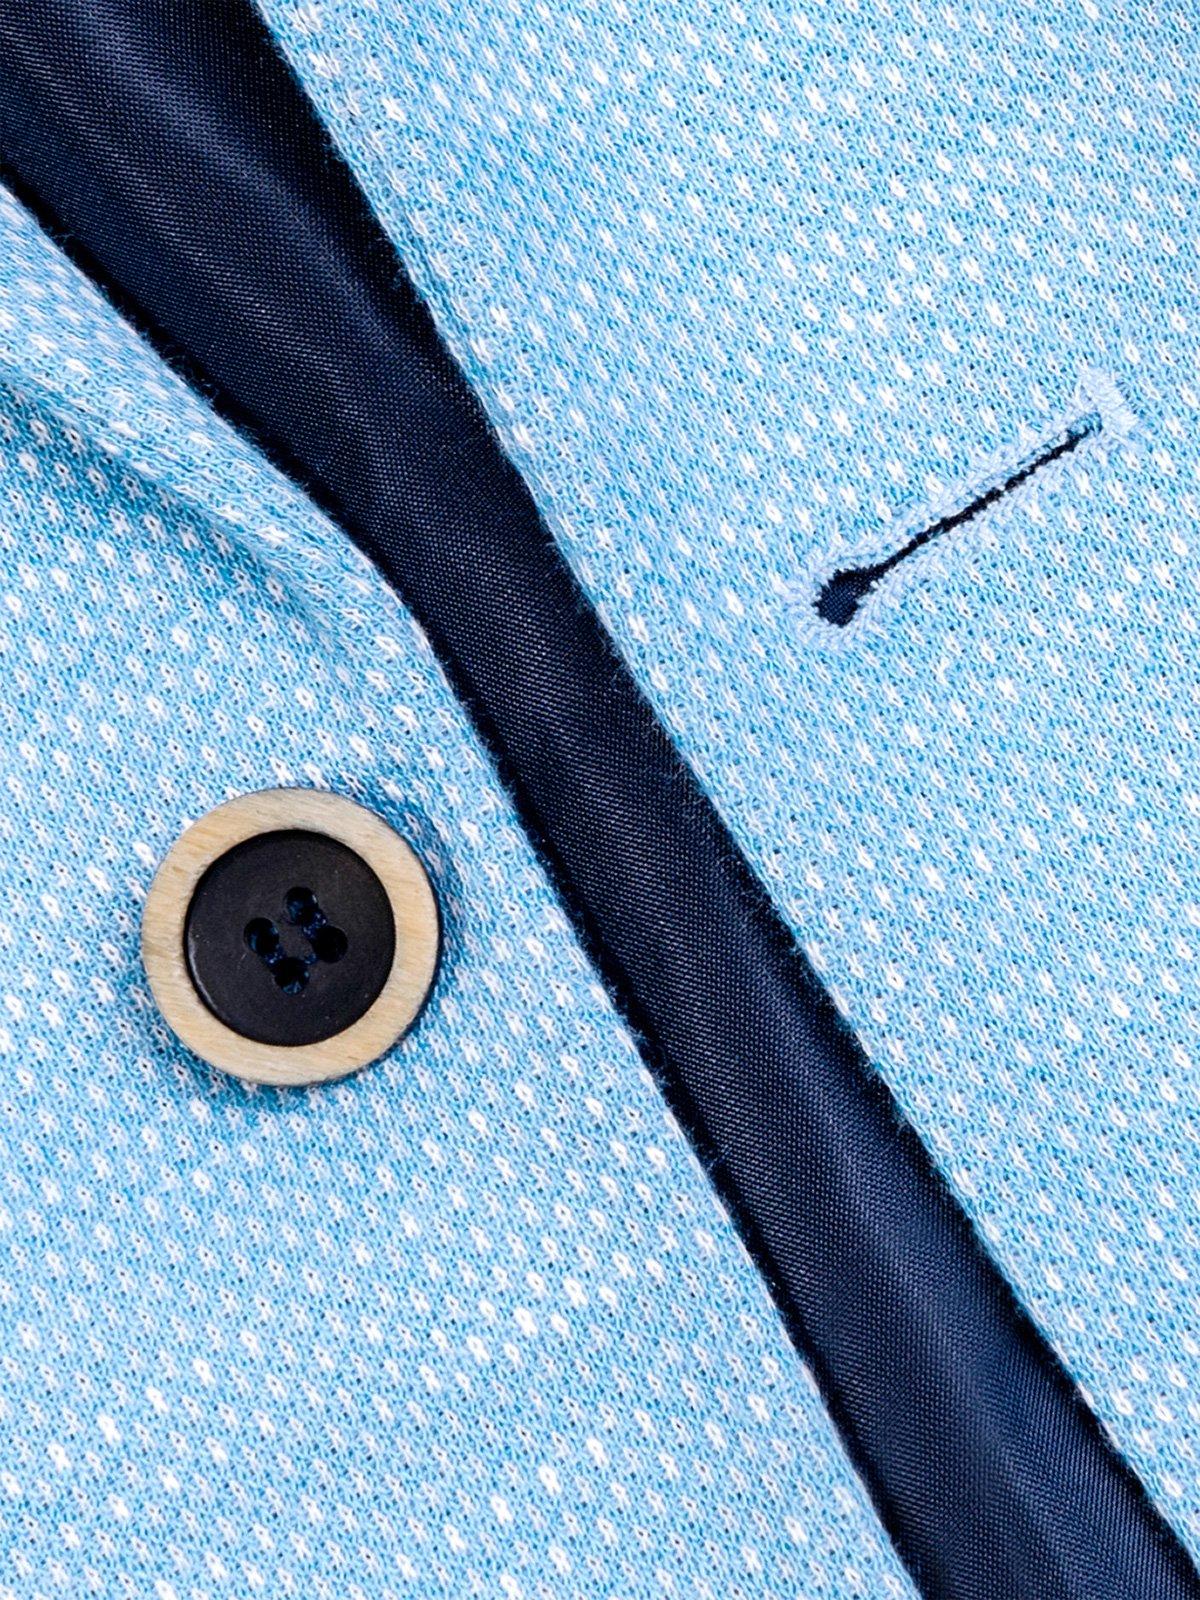 447b08abfe689 Marynarka męska casual M88 - błękitna - Sklep Ombre